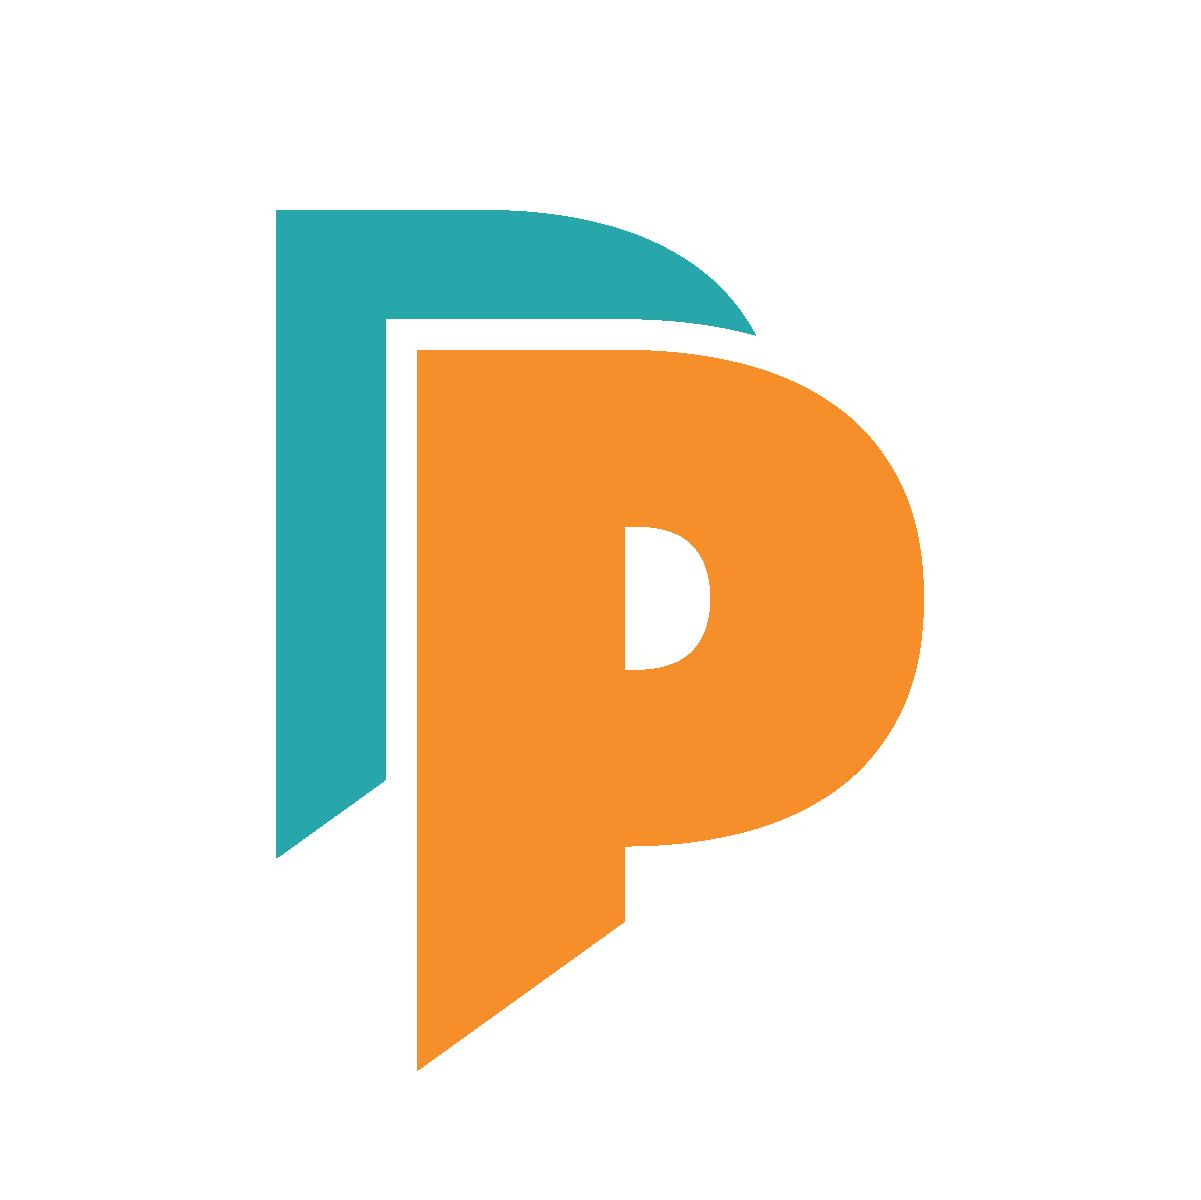 Prospect Premier emblem